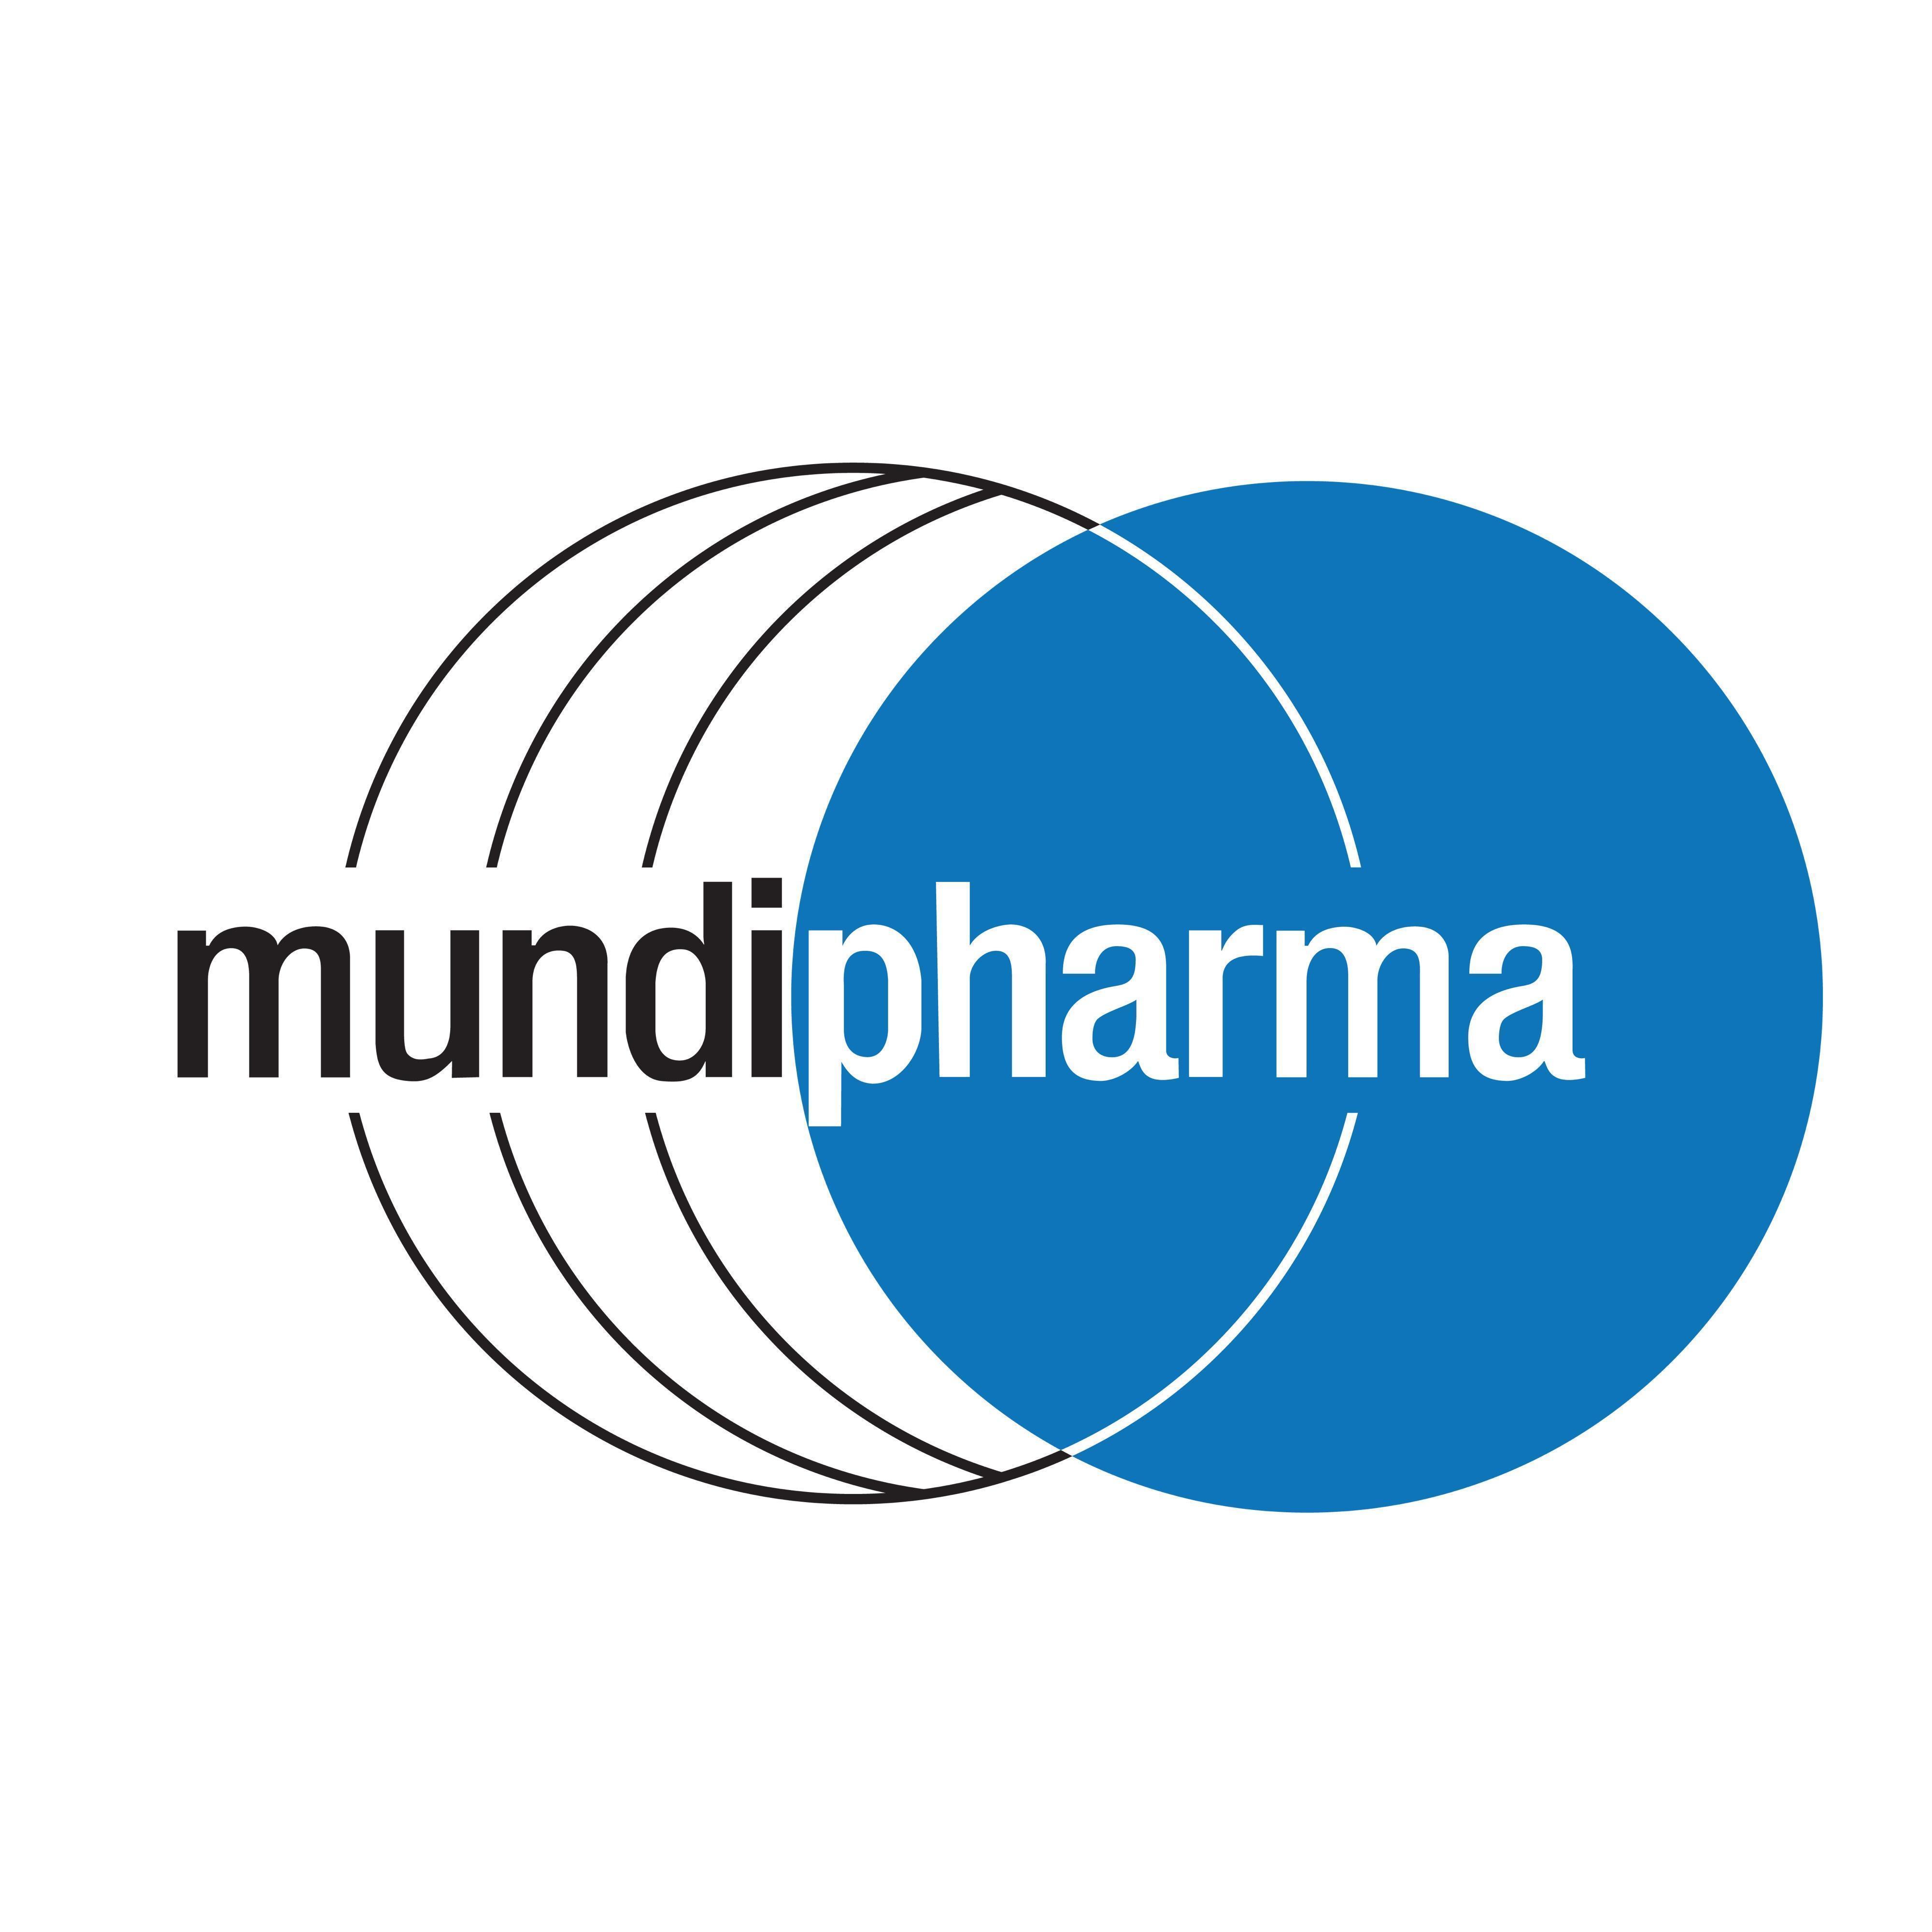 MundipharmaNews